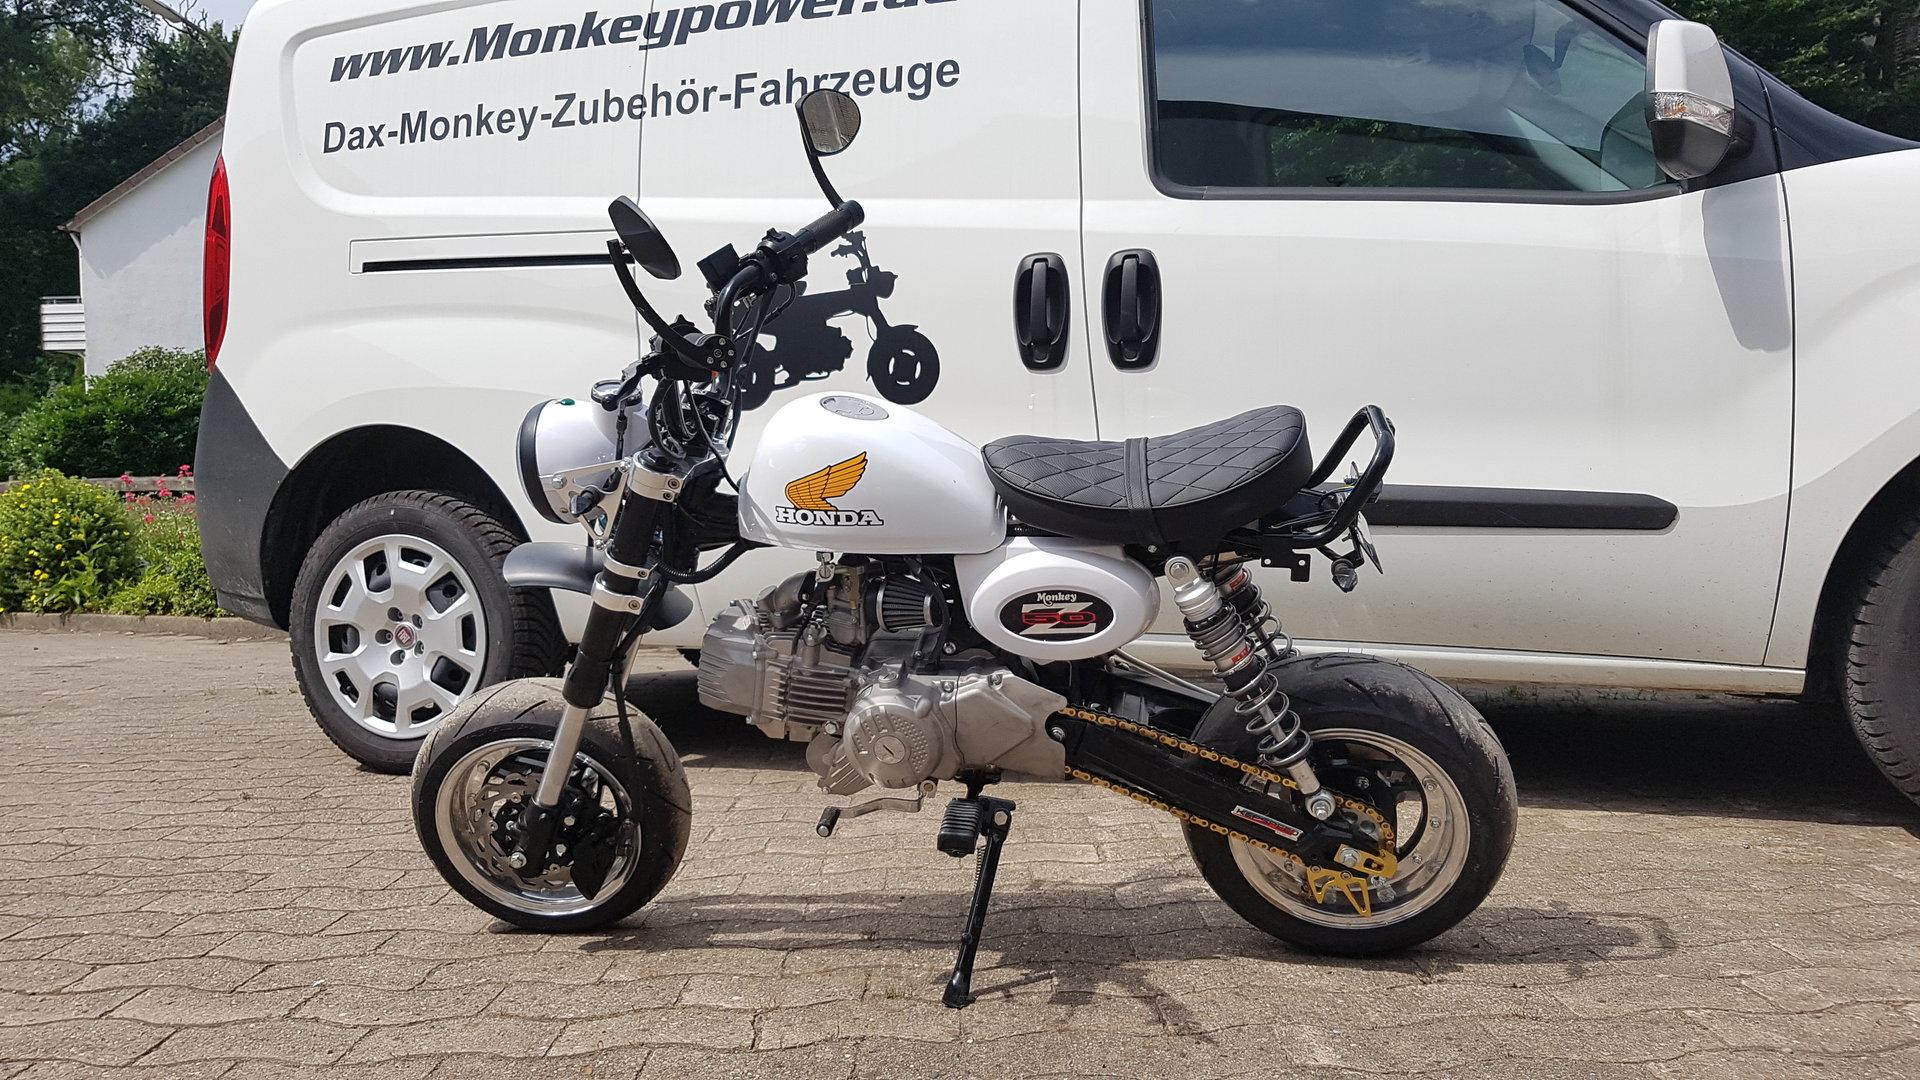 Kepspeed Monkey Sitz niedrig versch. Farben - Honda Monkey Dax ...